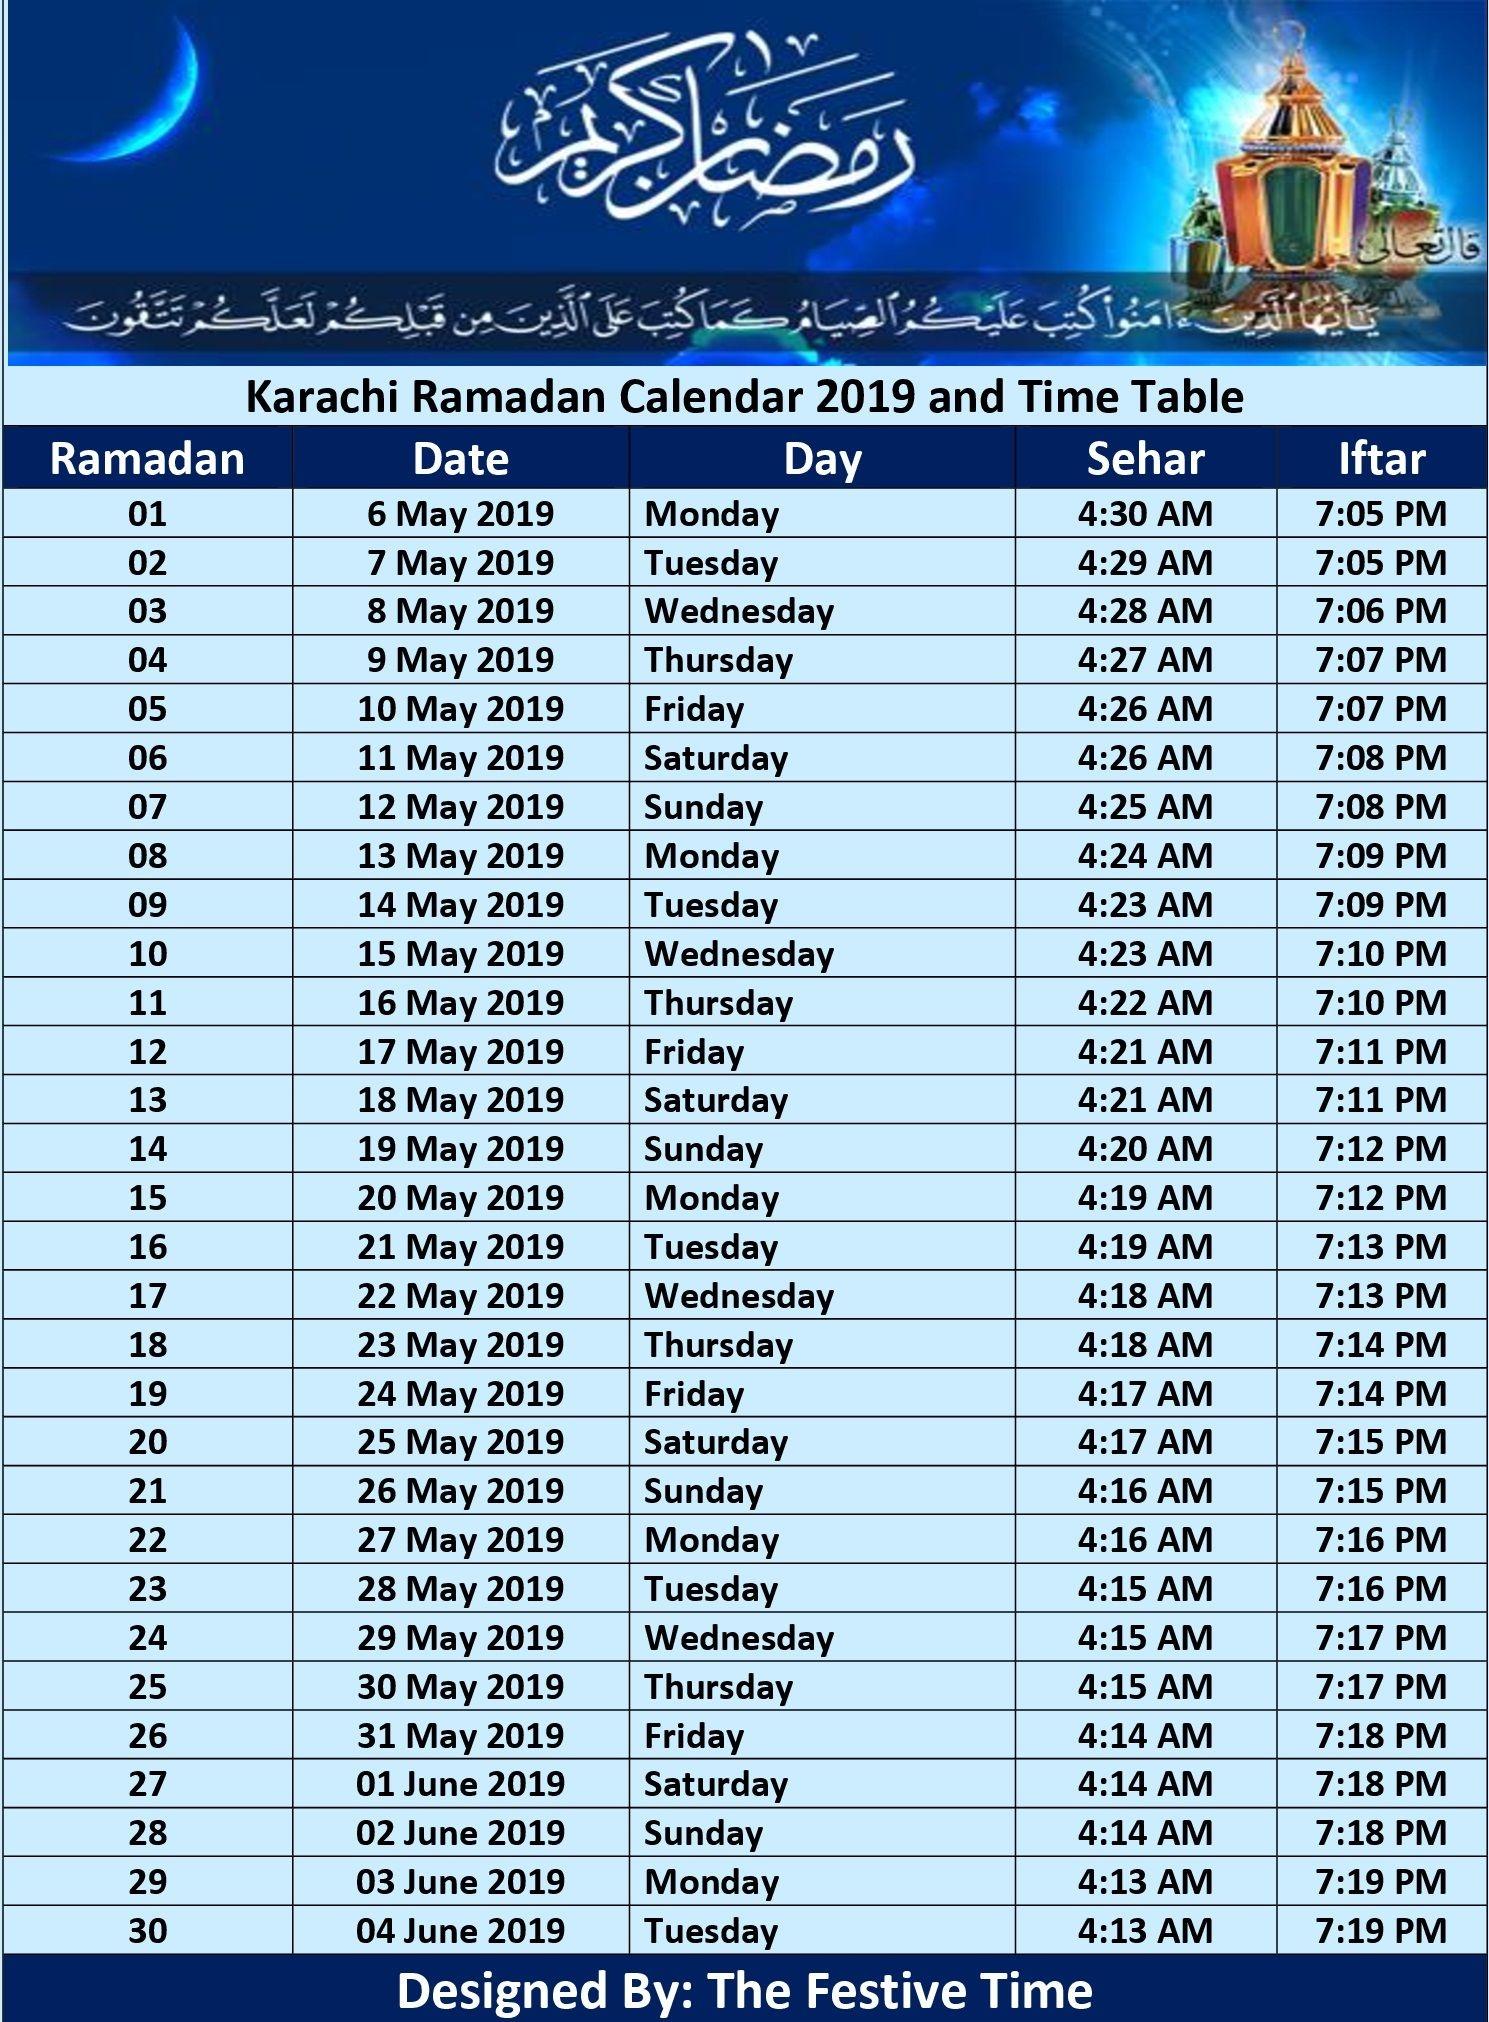 Pakistan Ramadan Calendar 2019, Sehr O Iftar Timings